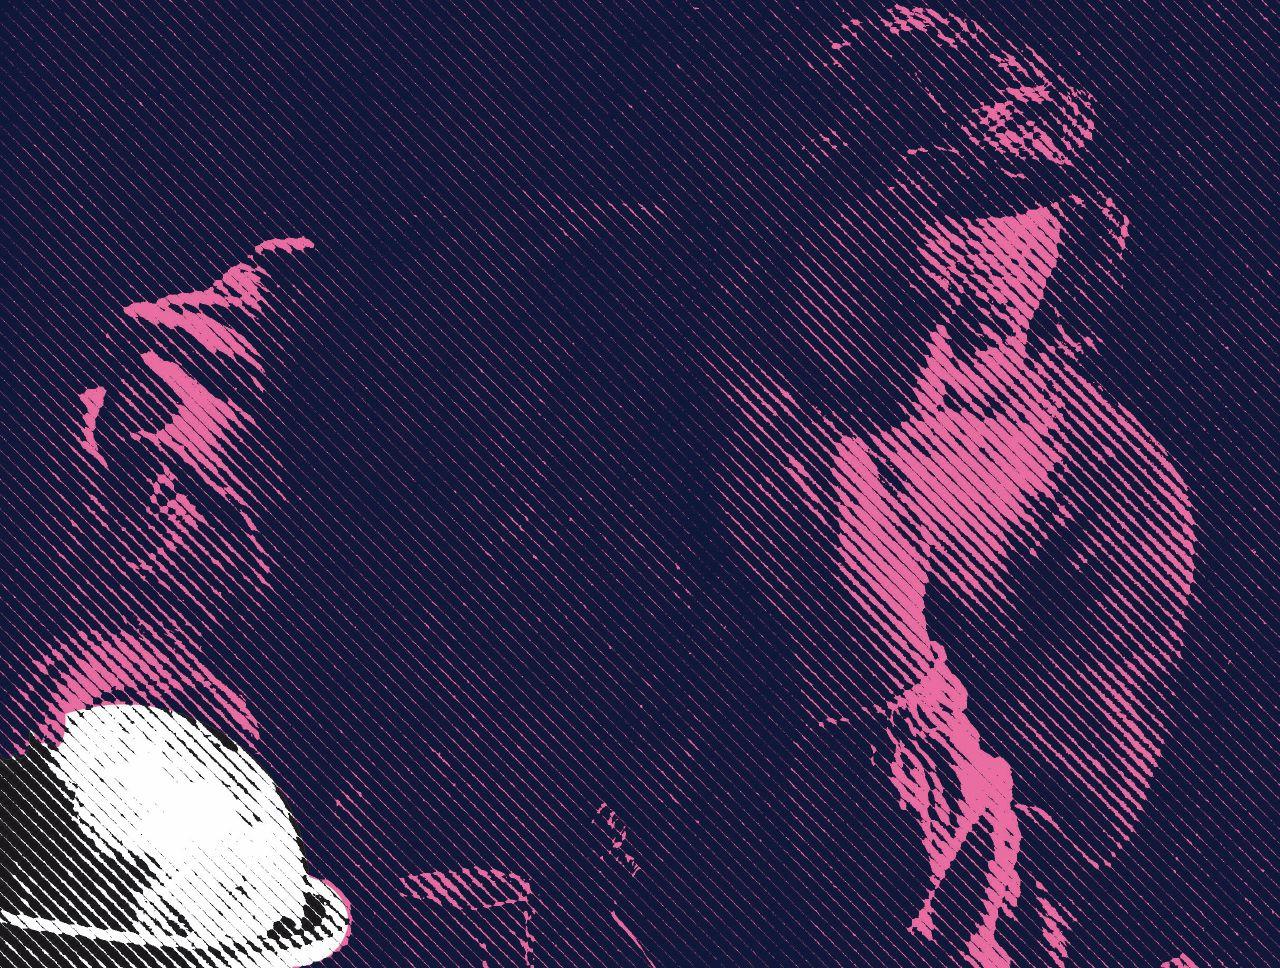 Archimede e Brummel, nessuno li prende sul serio